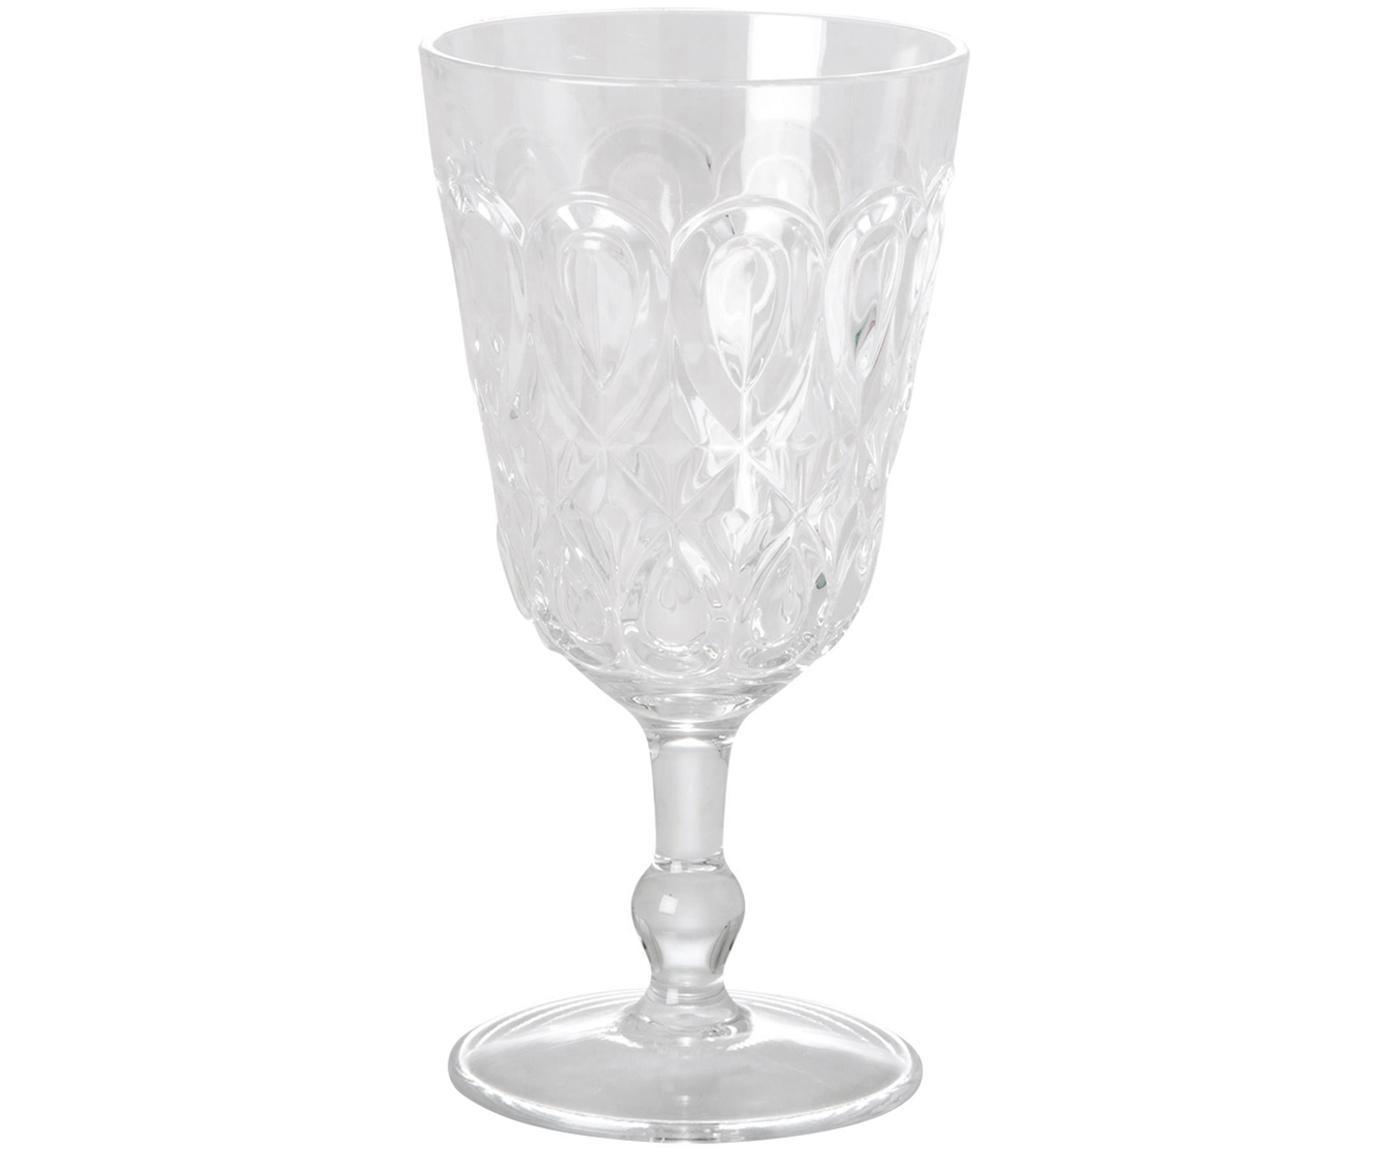 Bicchiere da vino in acrilico Swirly 2 pz, Vetro acrilico, Trasparente, Ø 9 x Alt. 17 cm